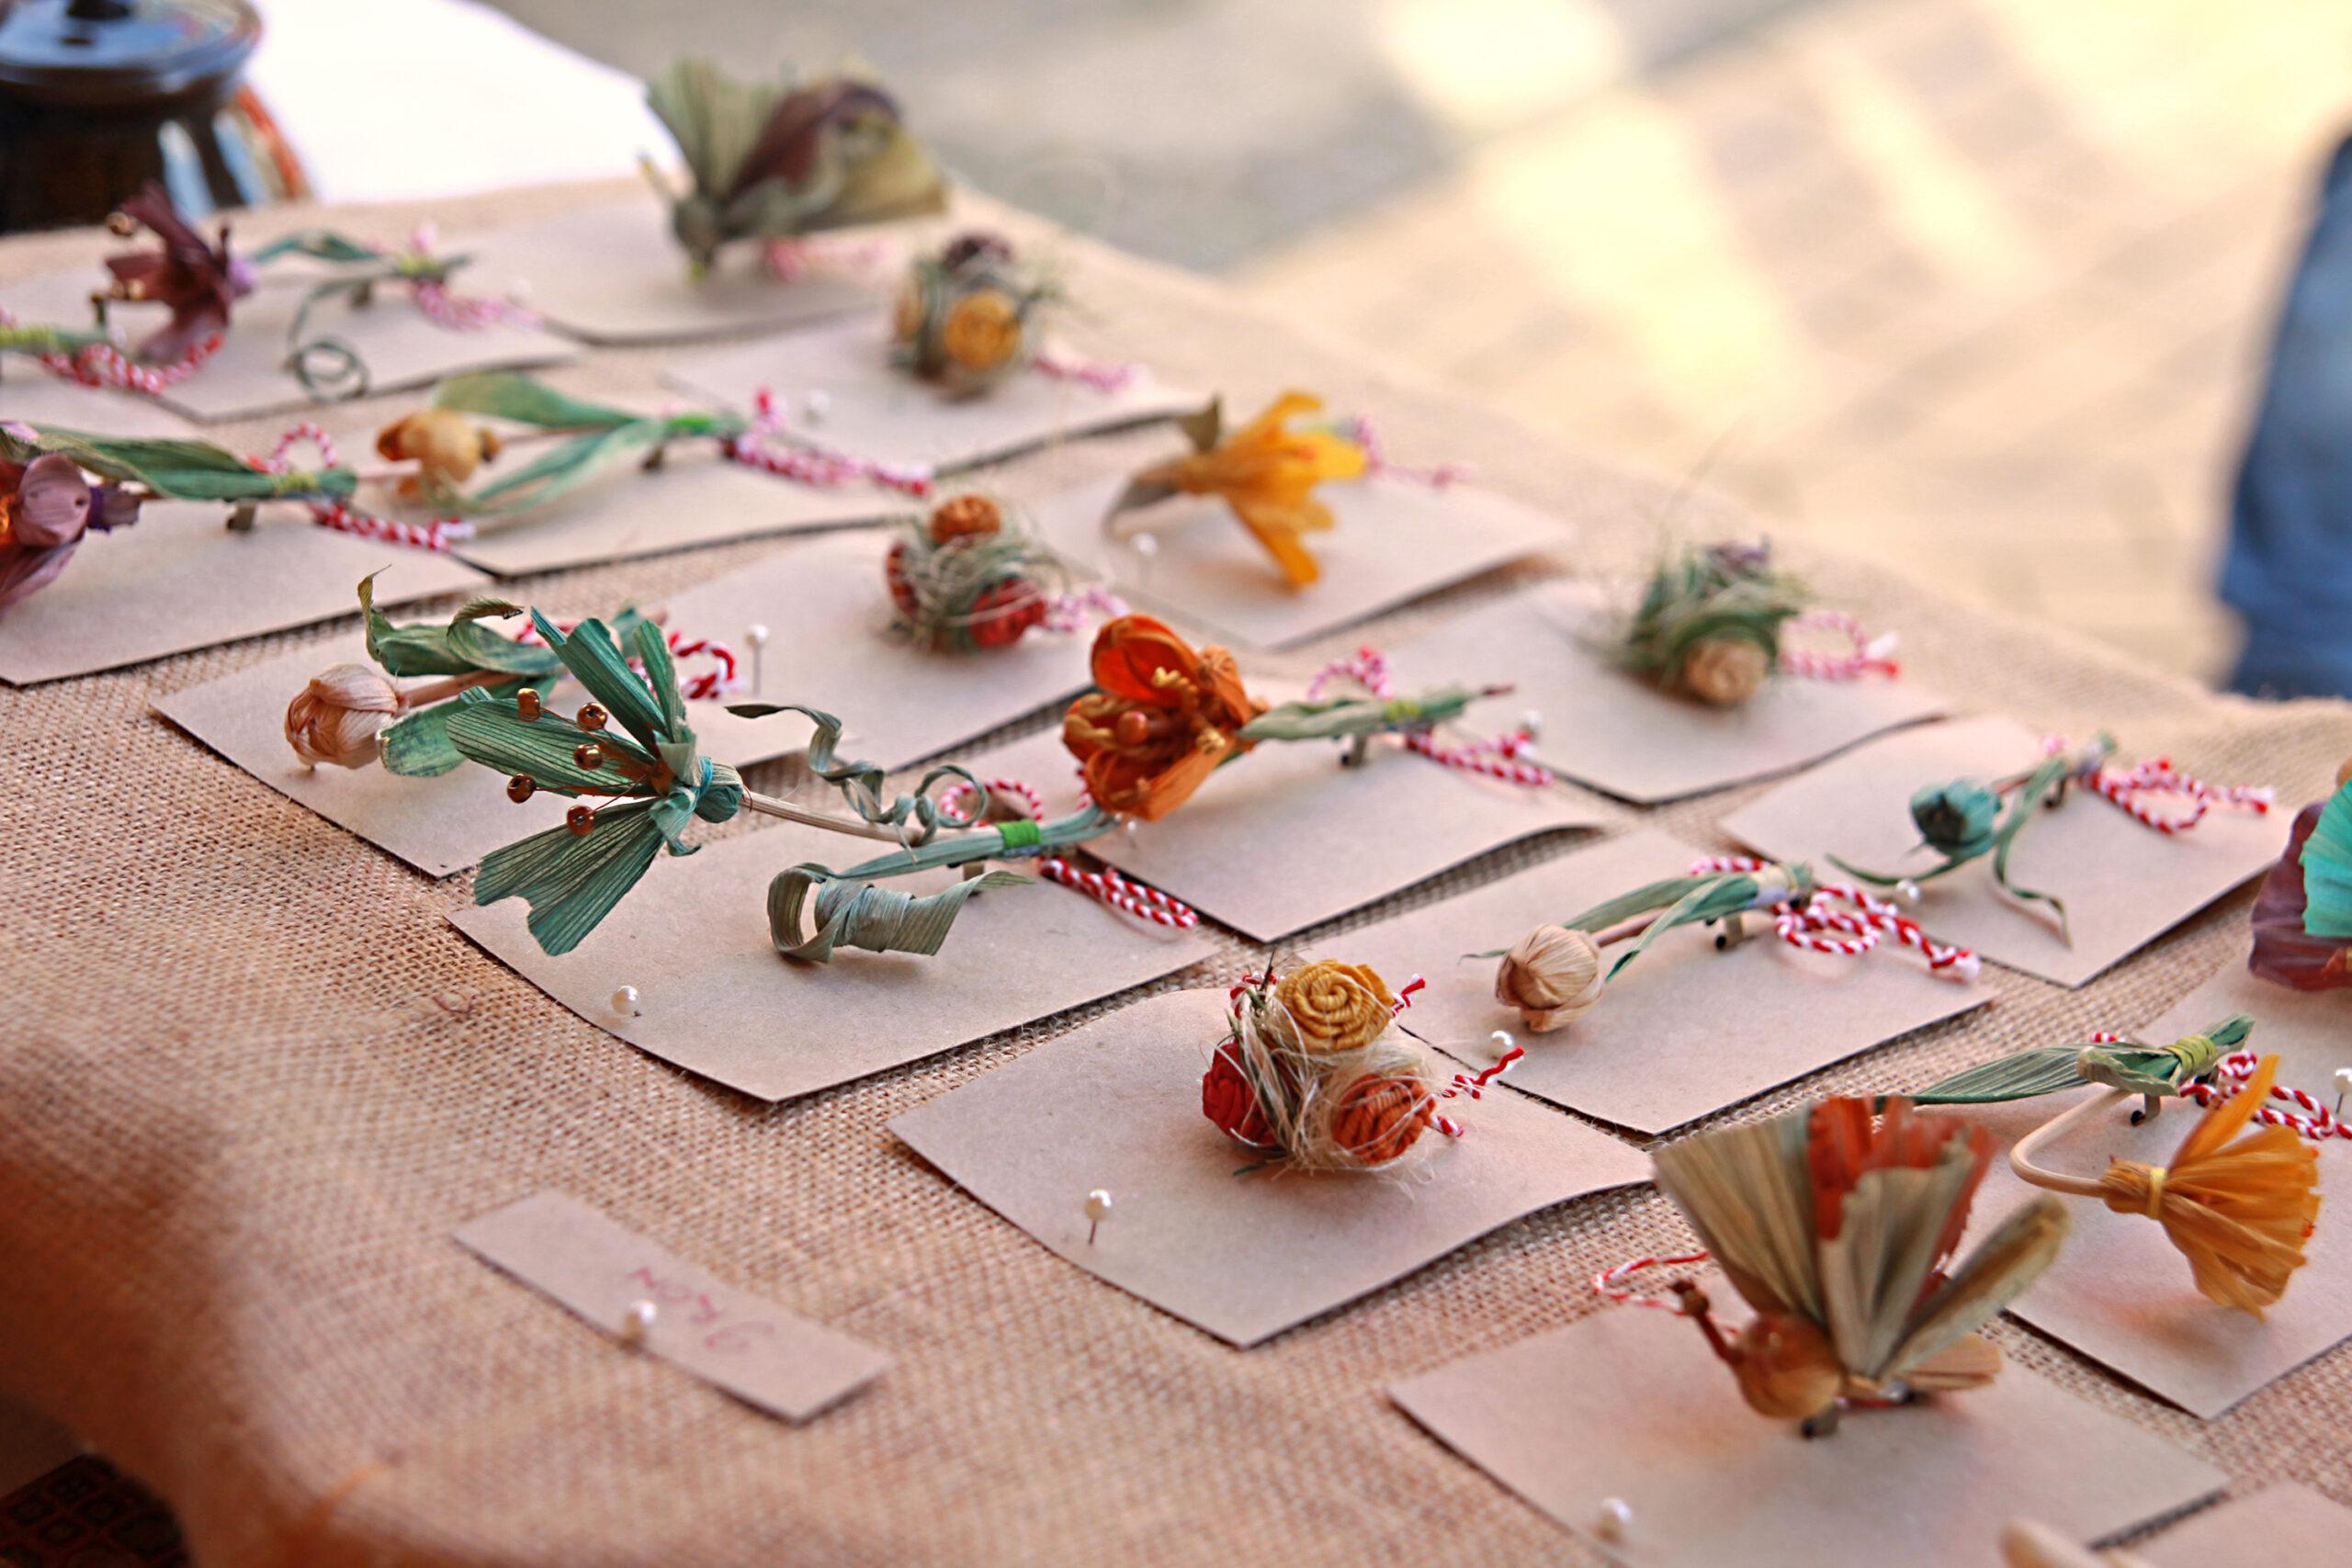 Igazi szépségek ezek a csuhévirágok